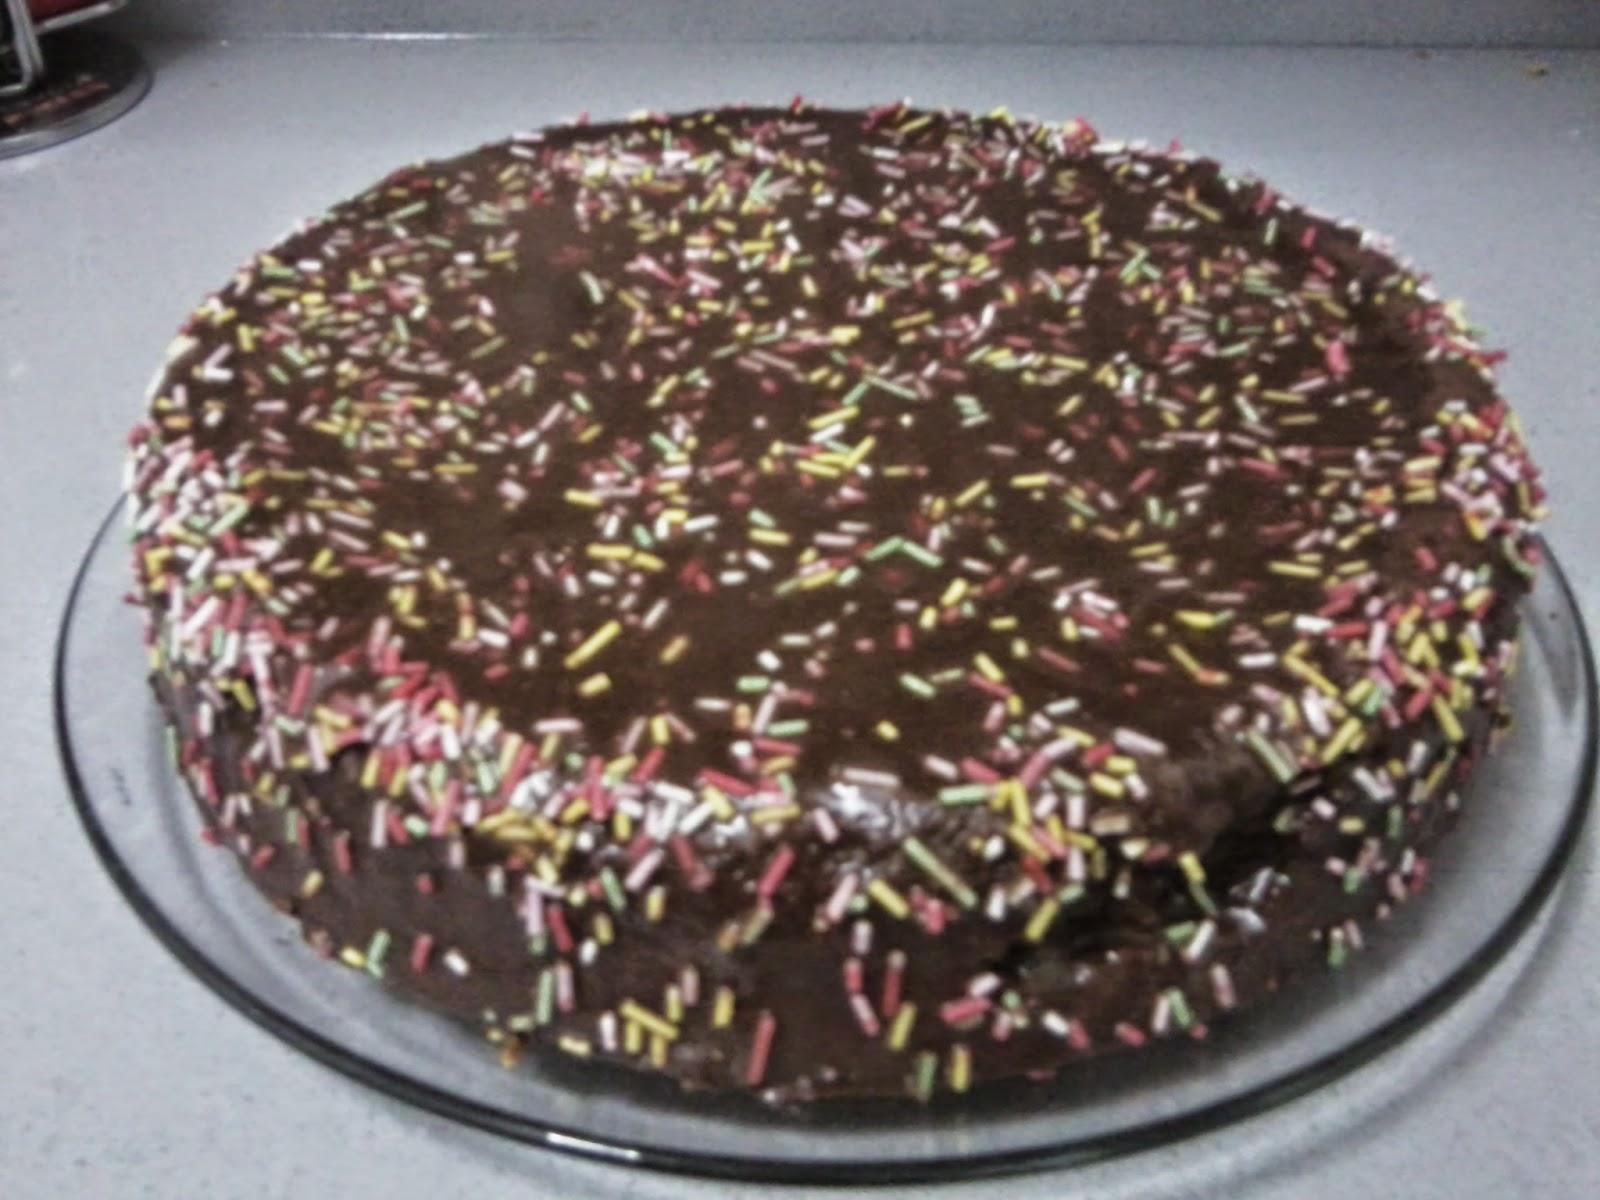 Escuela de cocina pako amor va una de tartas variadas - Escuela de cocina paco amor ...